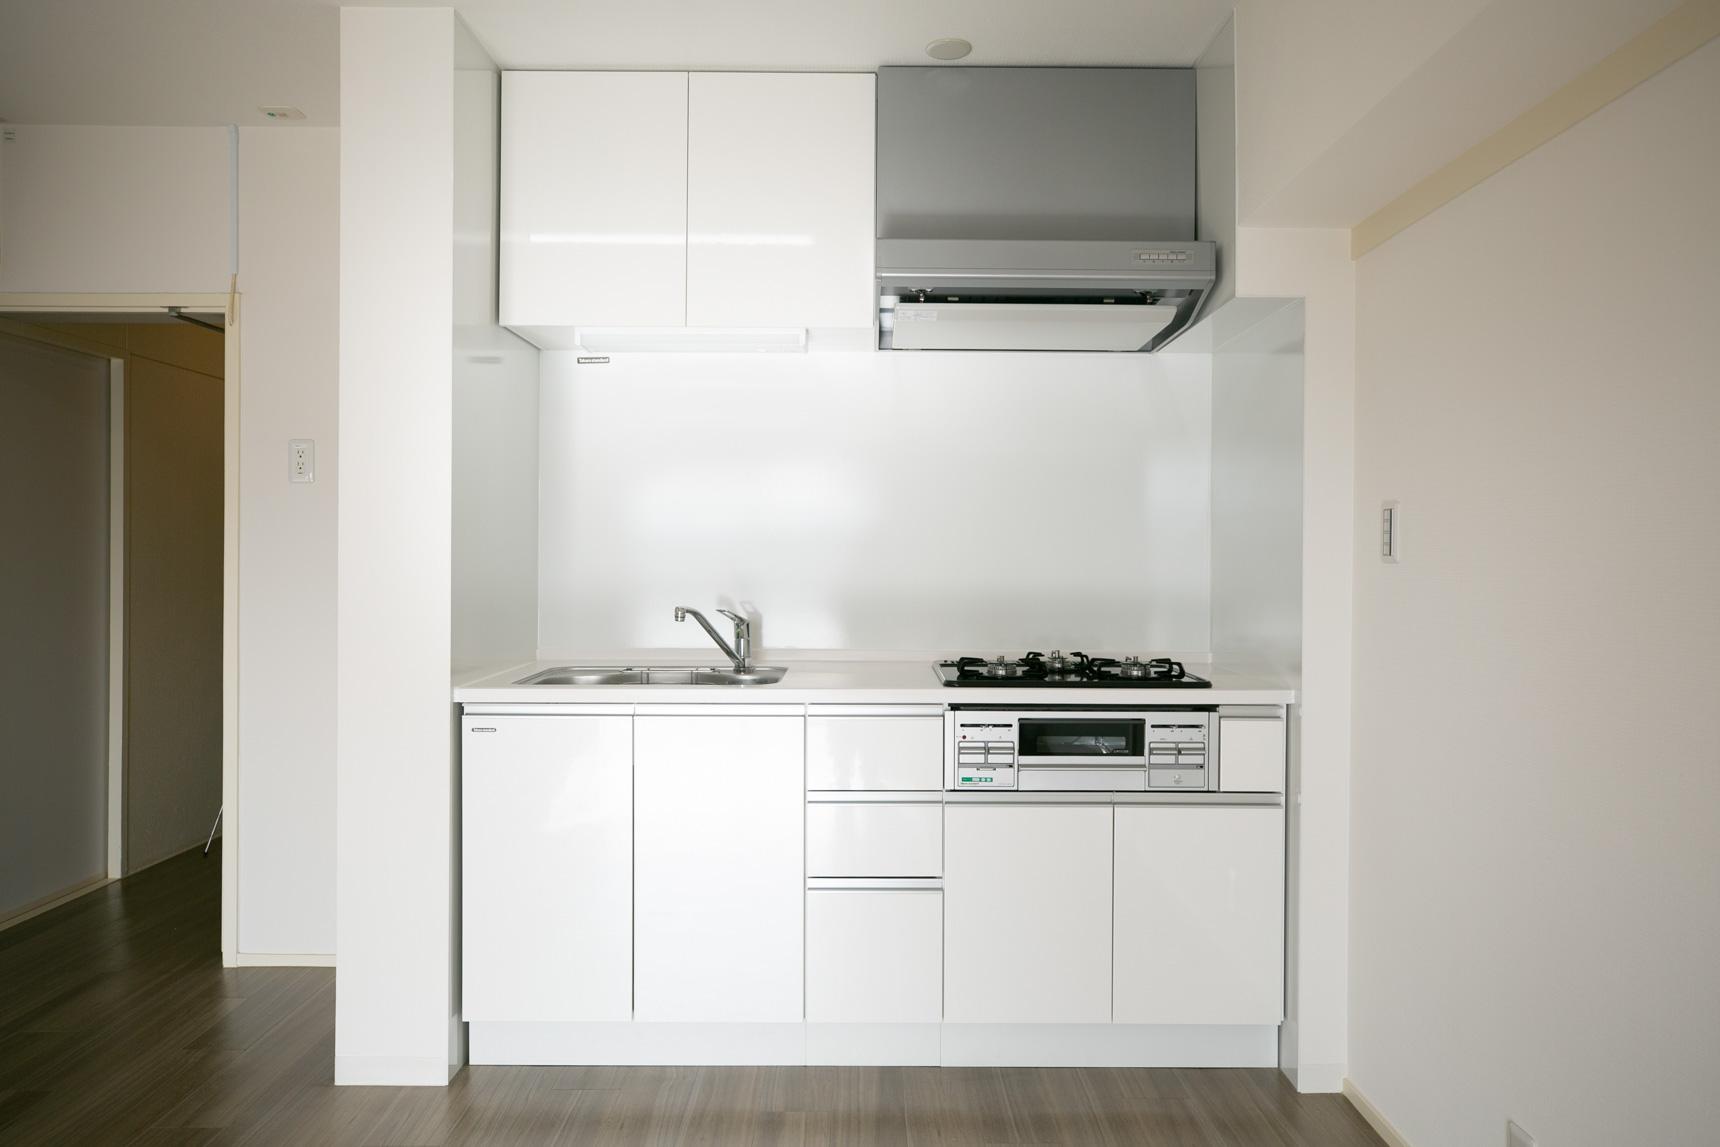 真っ白の新しいシステムキッチン。正面の壁はホーローパネルになっているのでお手入れもしやすく、マグネットもつけられるのでフックなどで収納も増やせますよ。